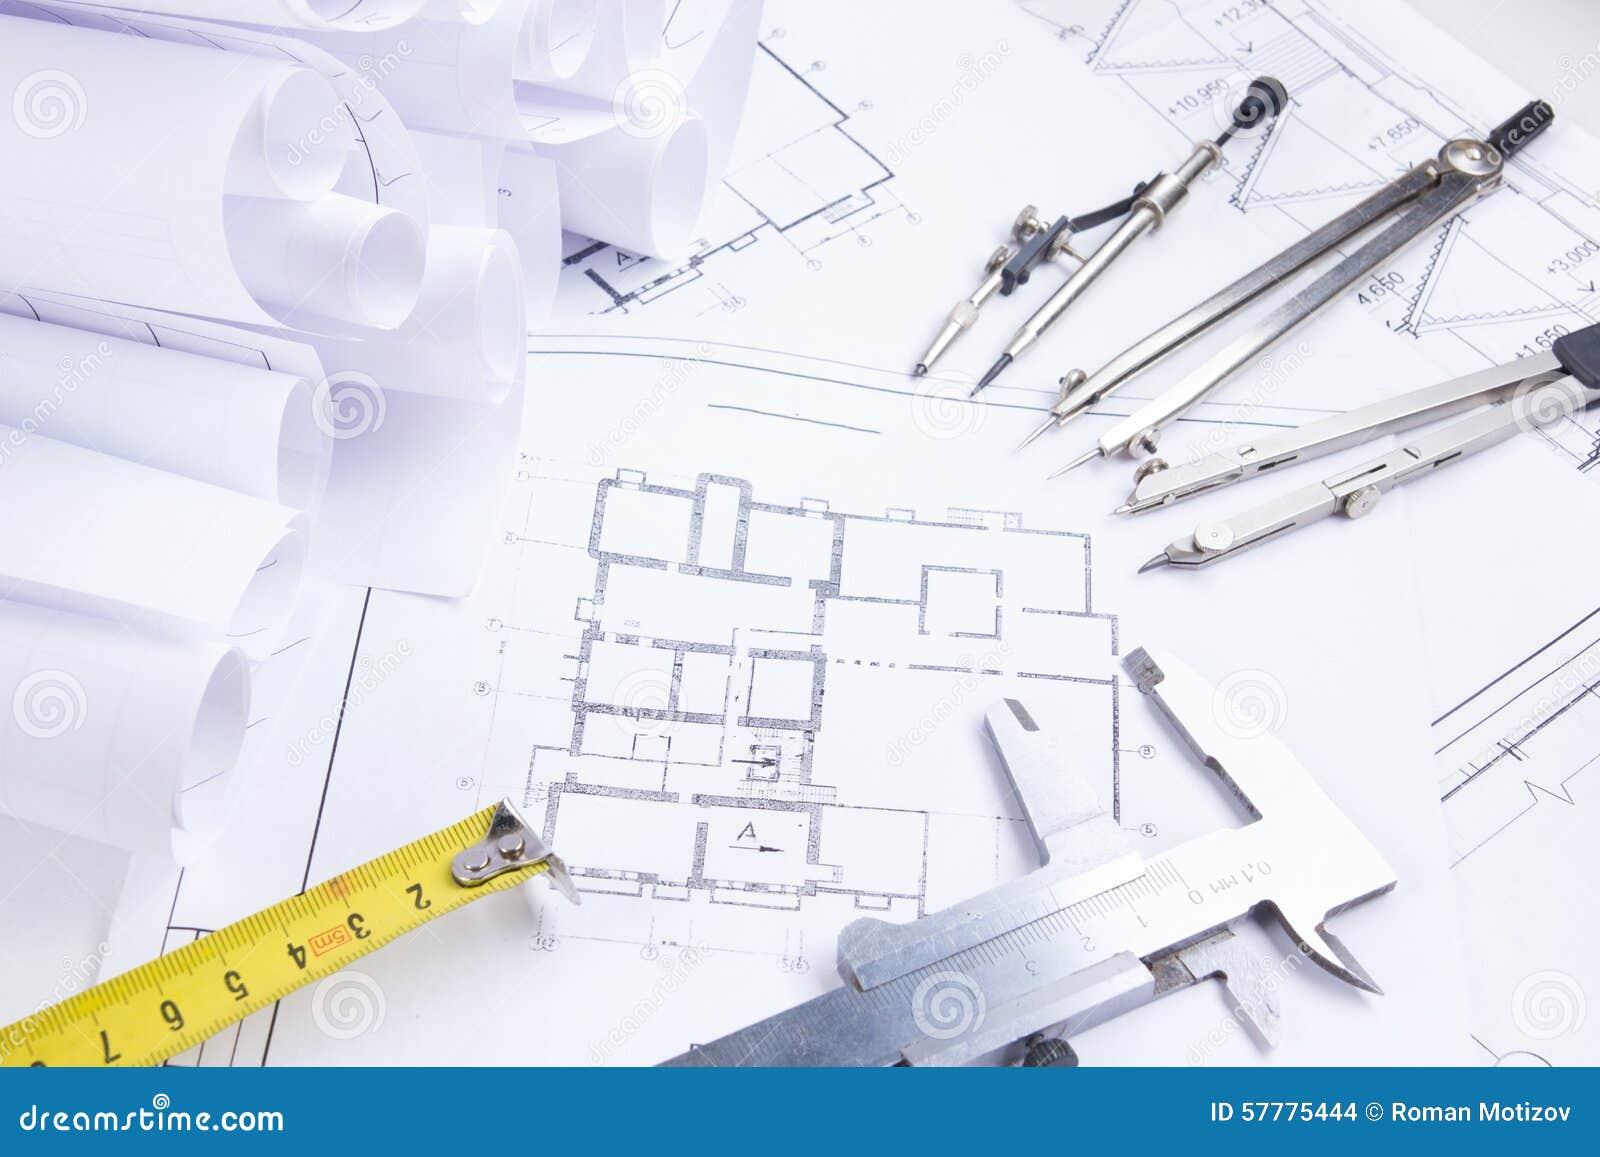 Le projet architectural, les modèles, les petits pains de modèle et la boussole de diviseur, les calibres, dirigeant de pliage su